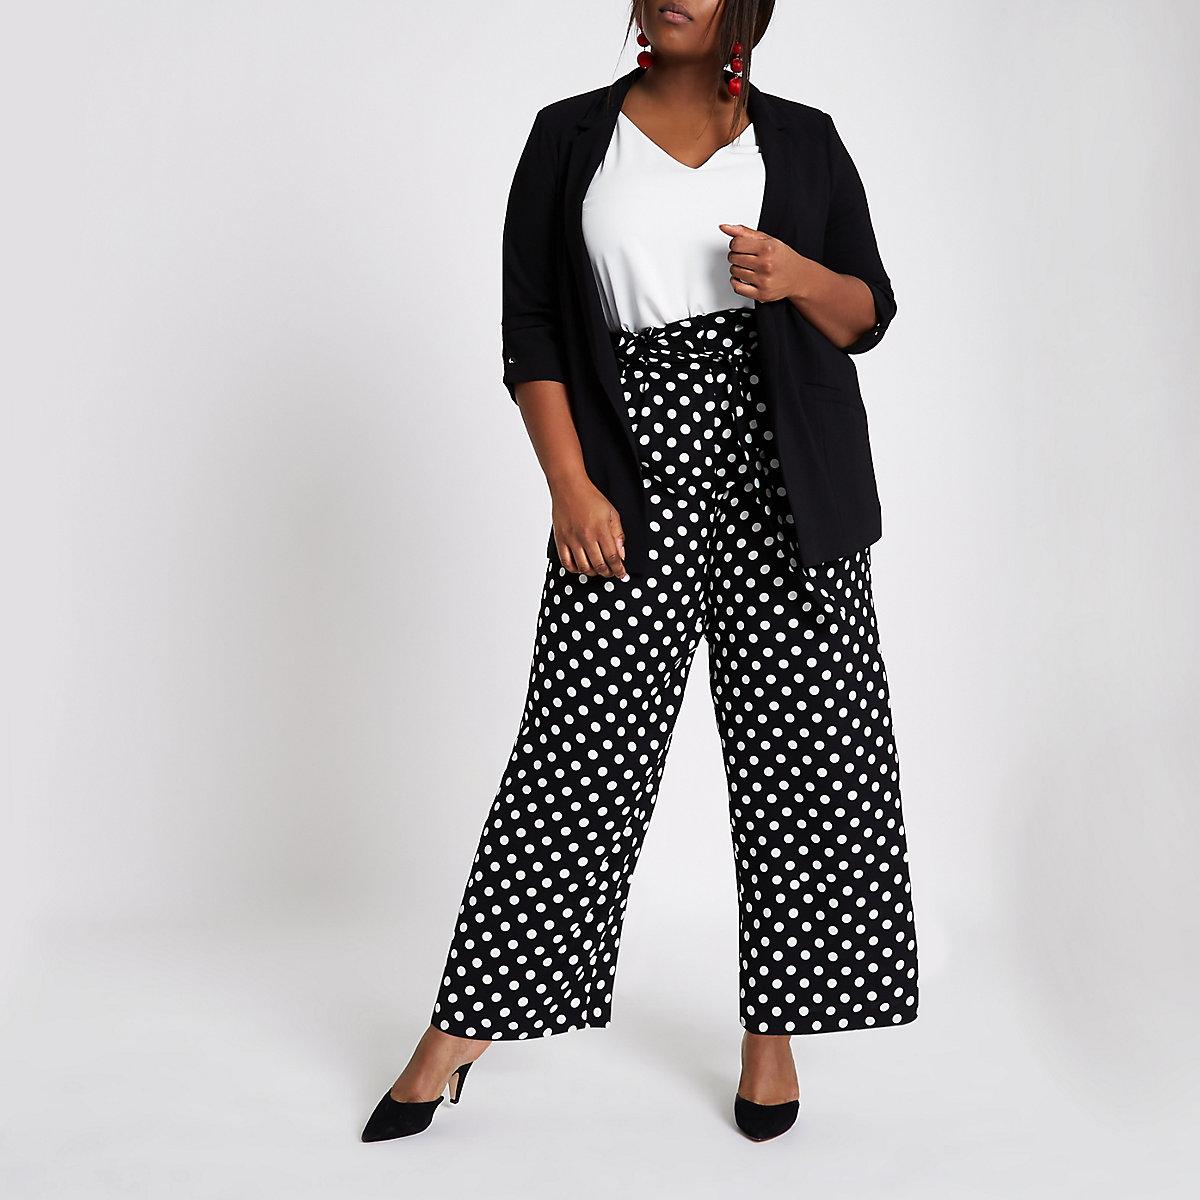 35049292499ae Plus black polka dot belted wide leg trousers - Wide Leg Trousers - Trousers  - women